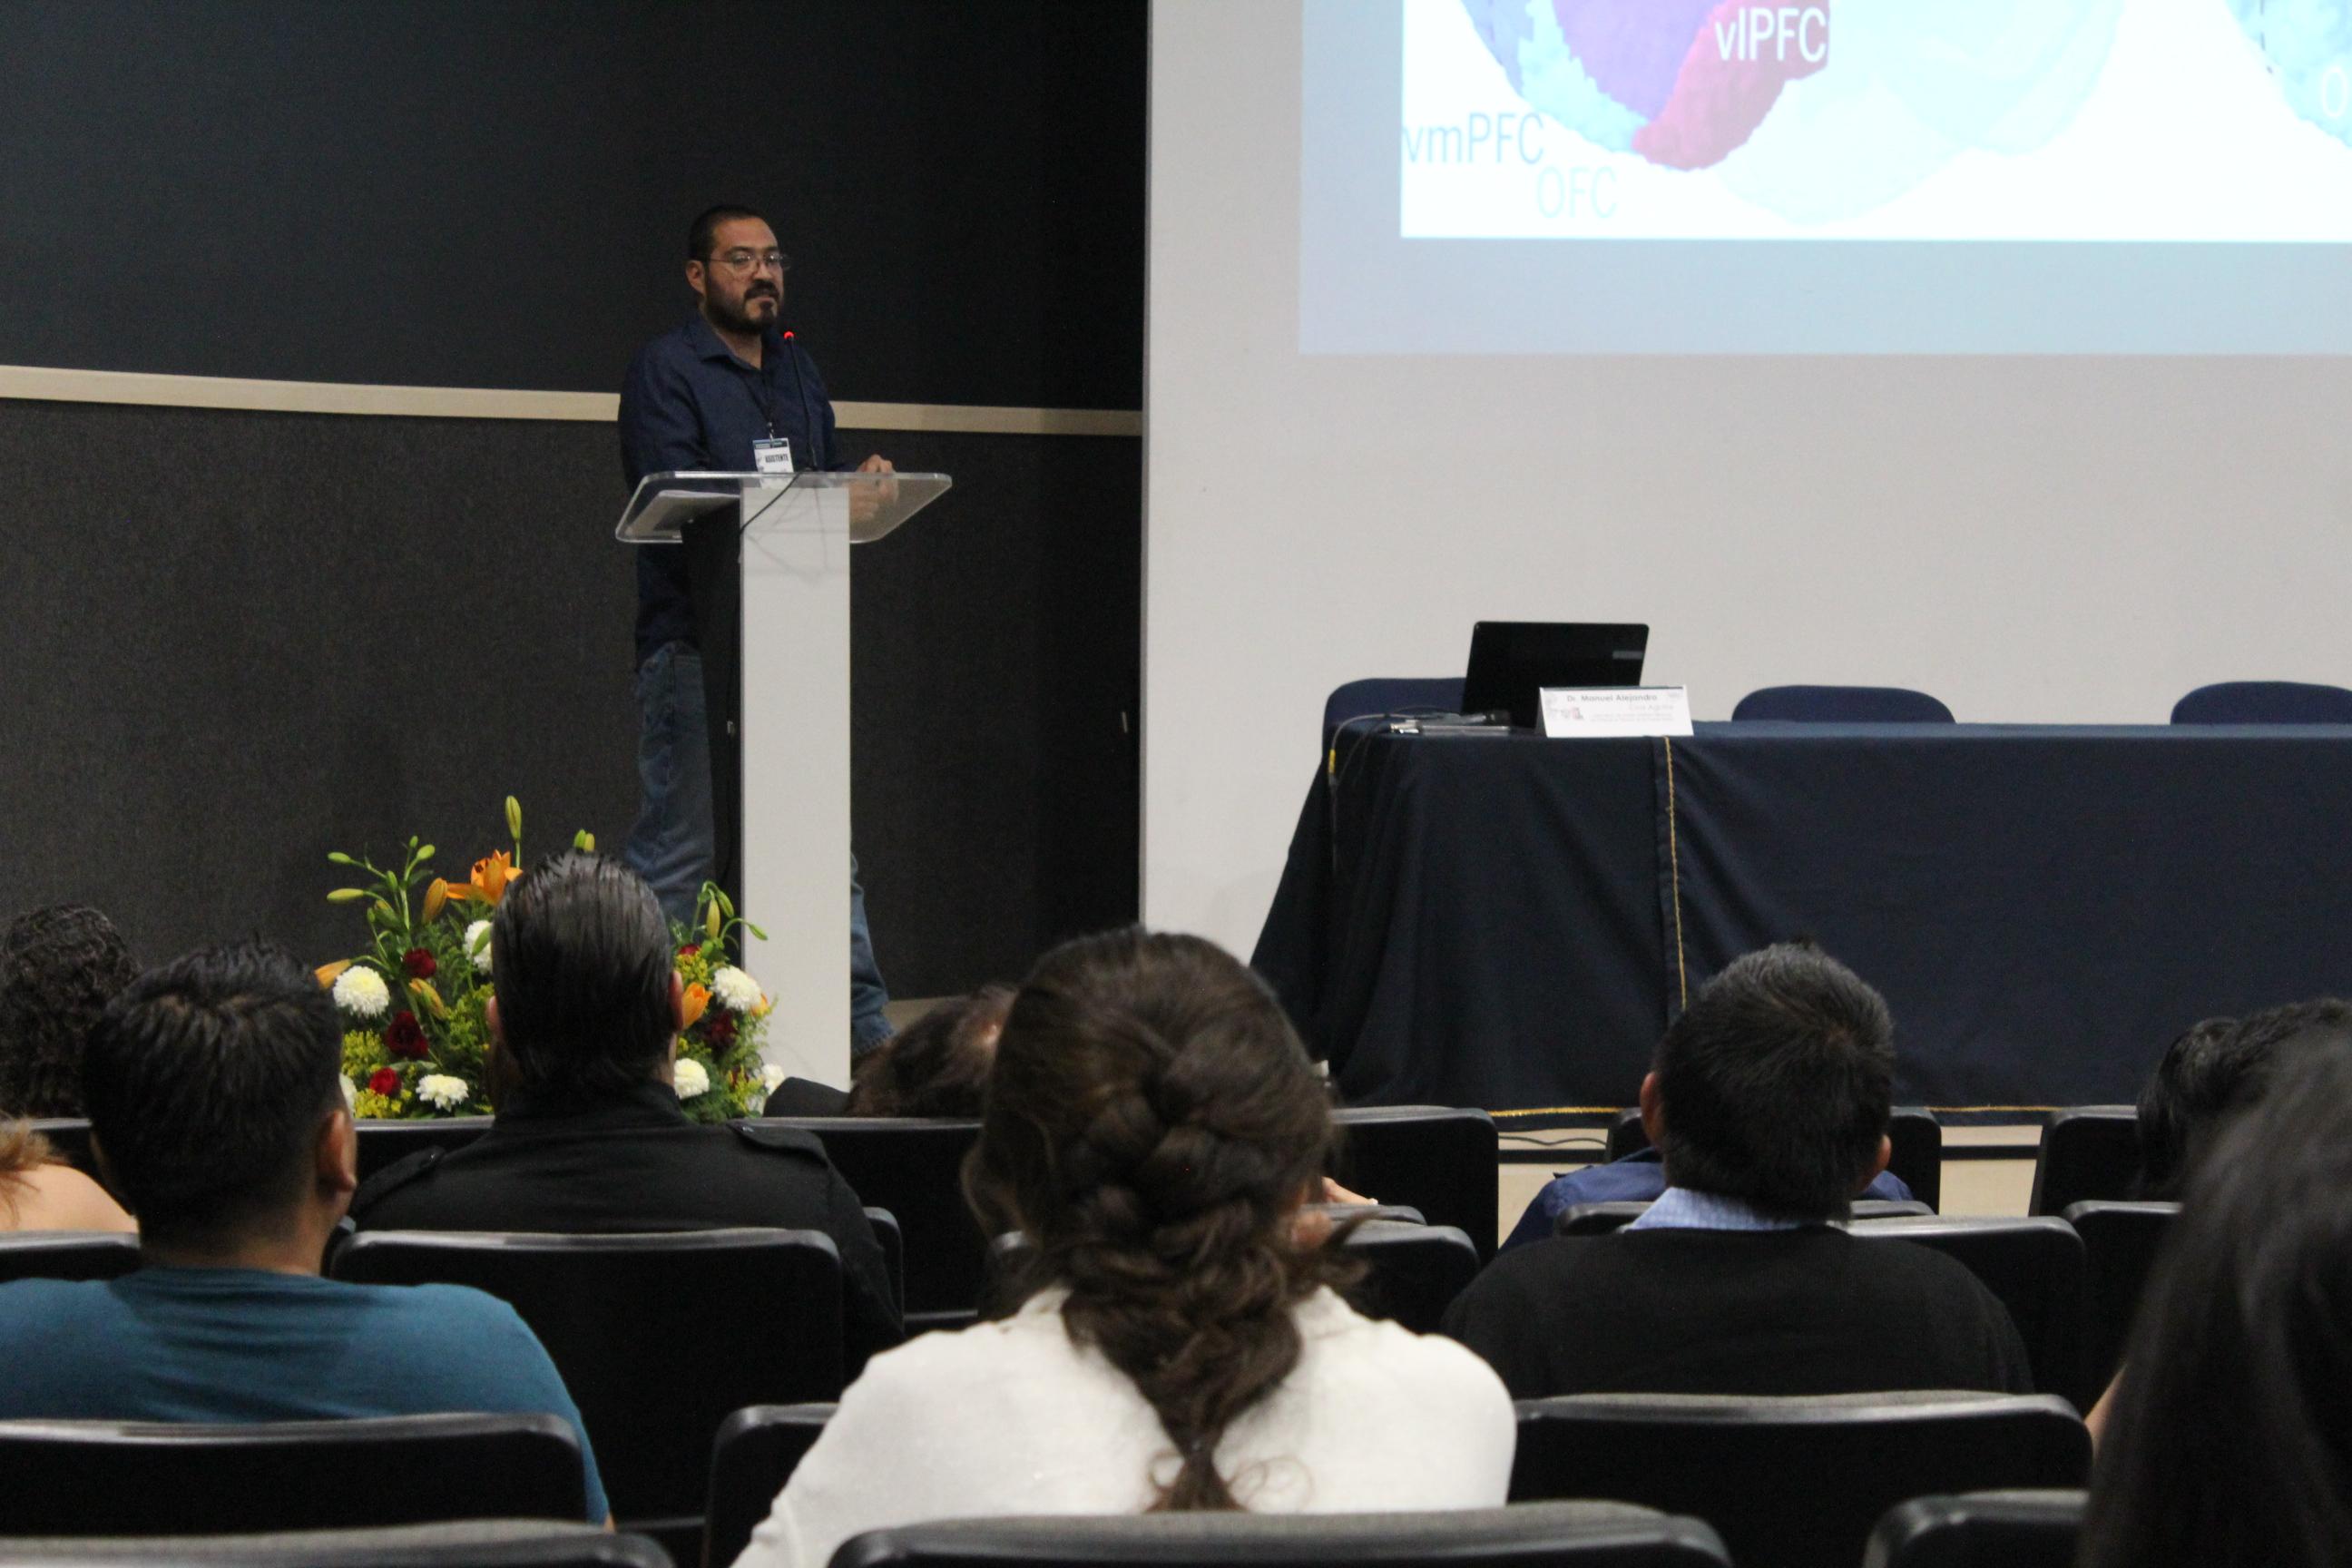 Presentación del doctor Cruz Aguilar